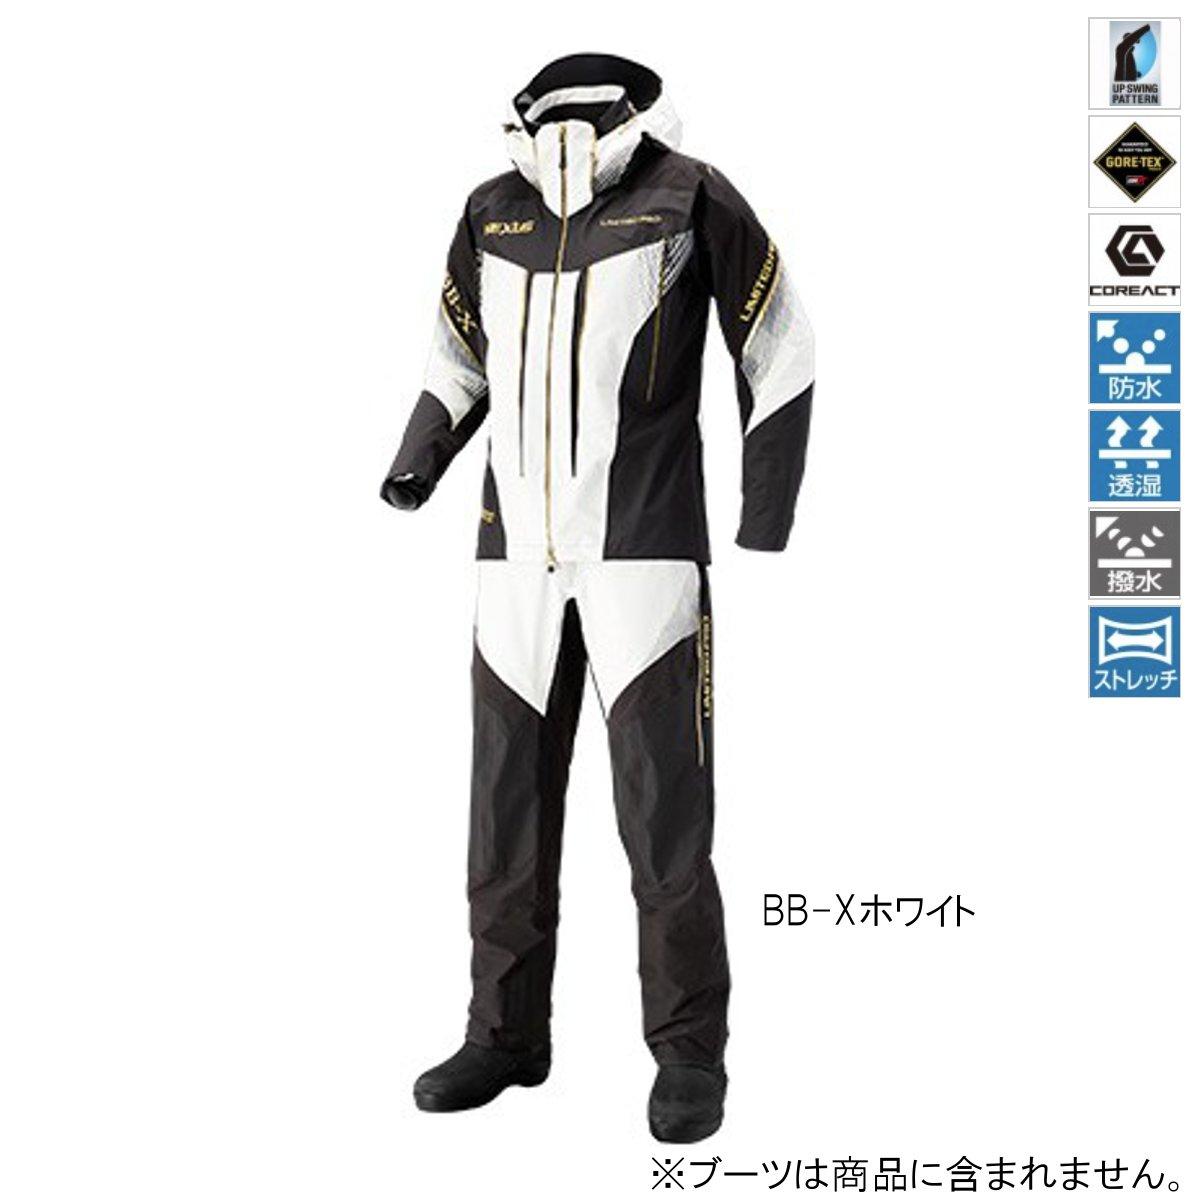 シマノ NEXUS・GORE-TEX レインスーツ LIMITED PRO RA-112S L BB-Xホワイト